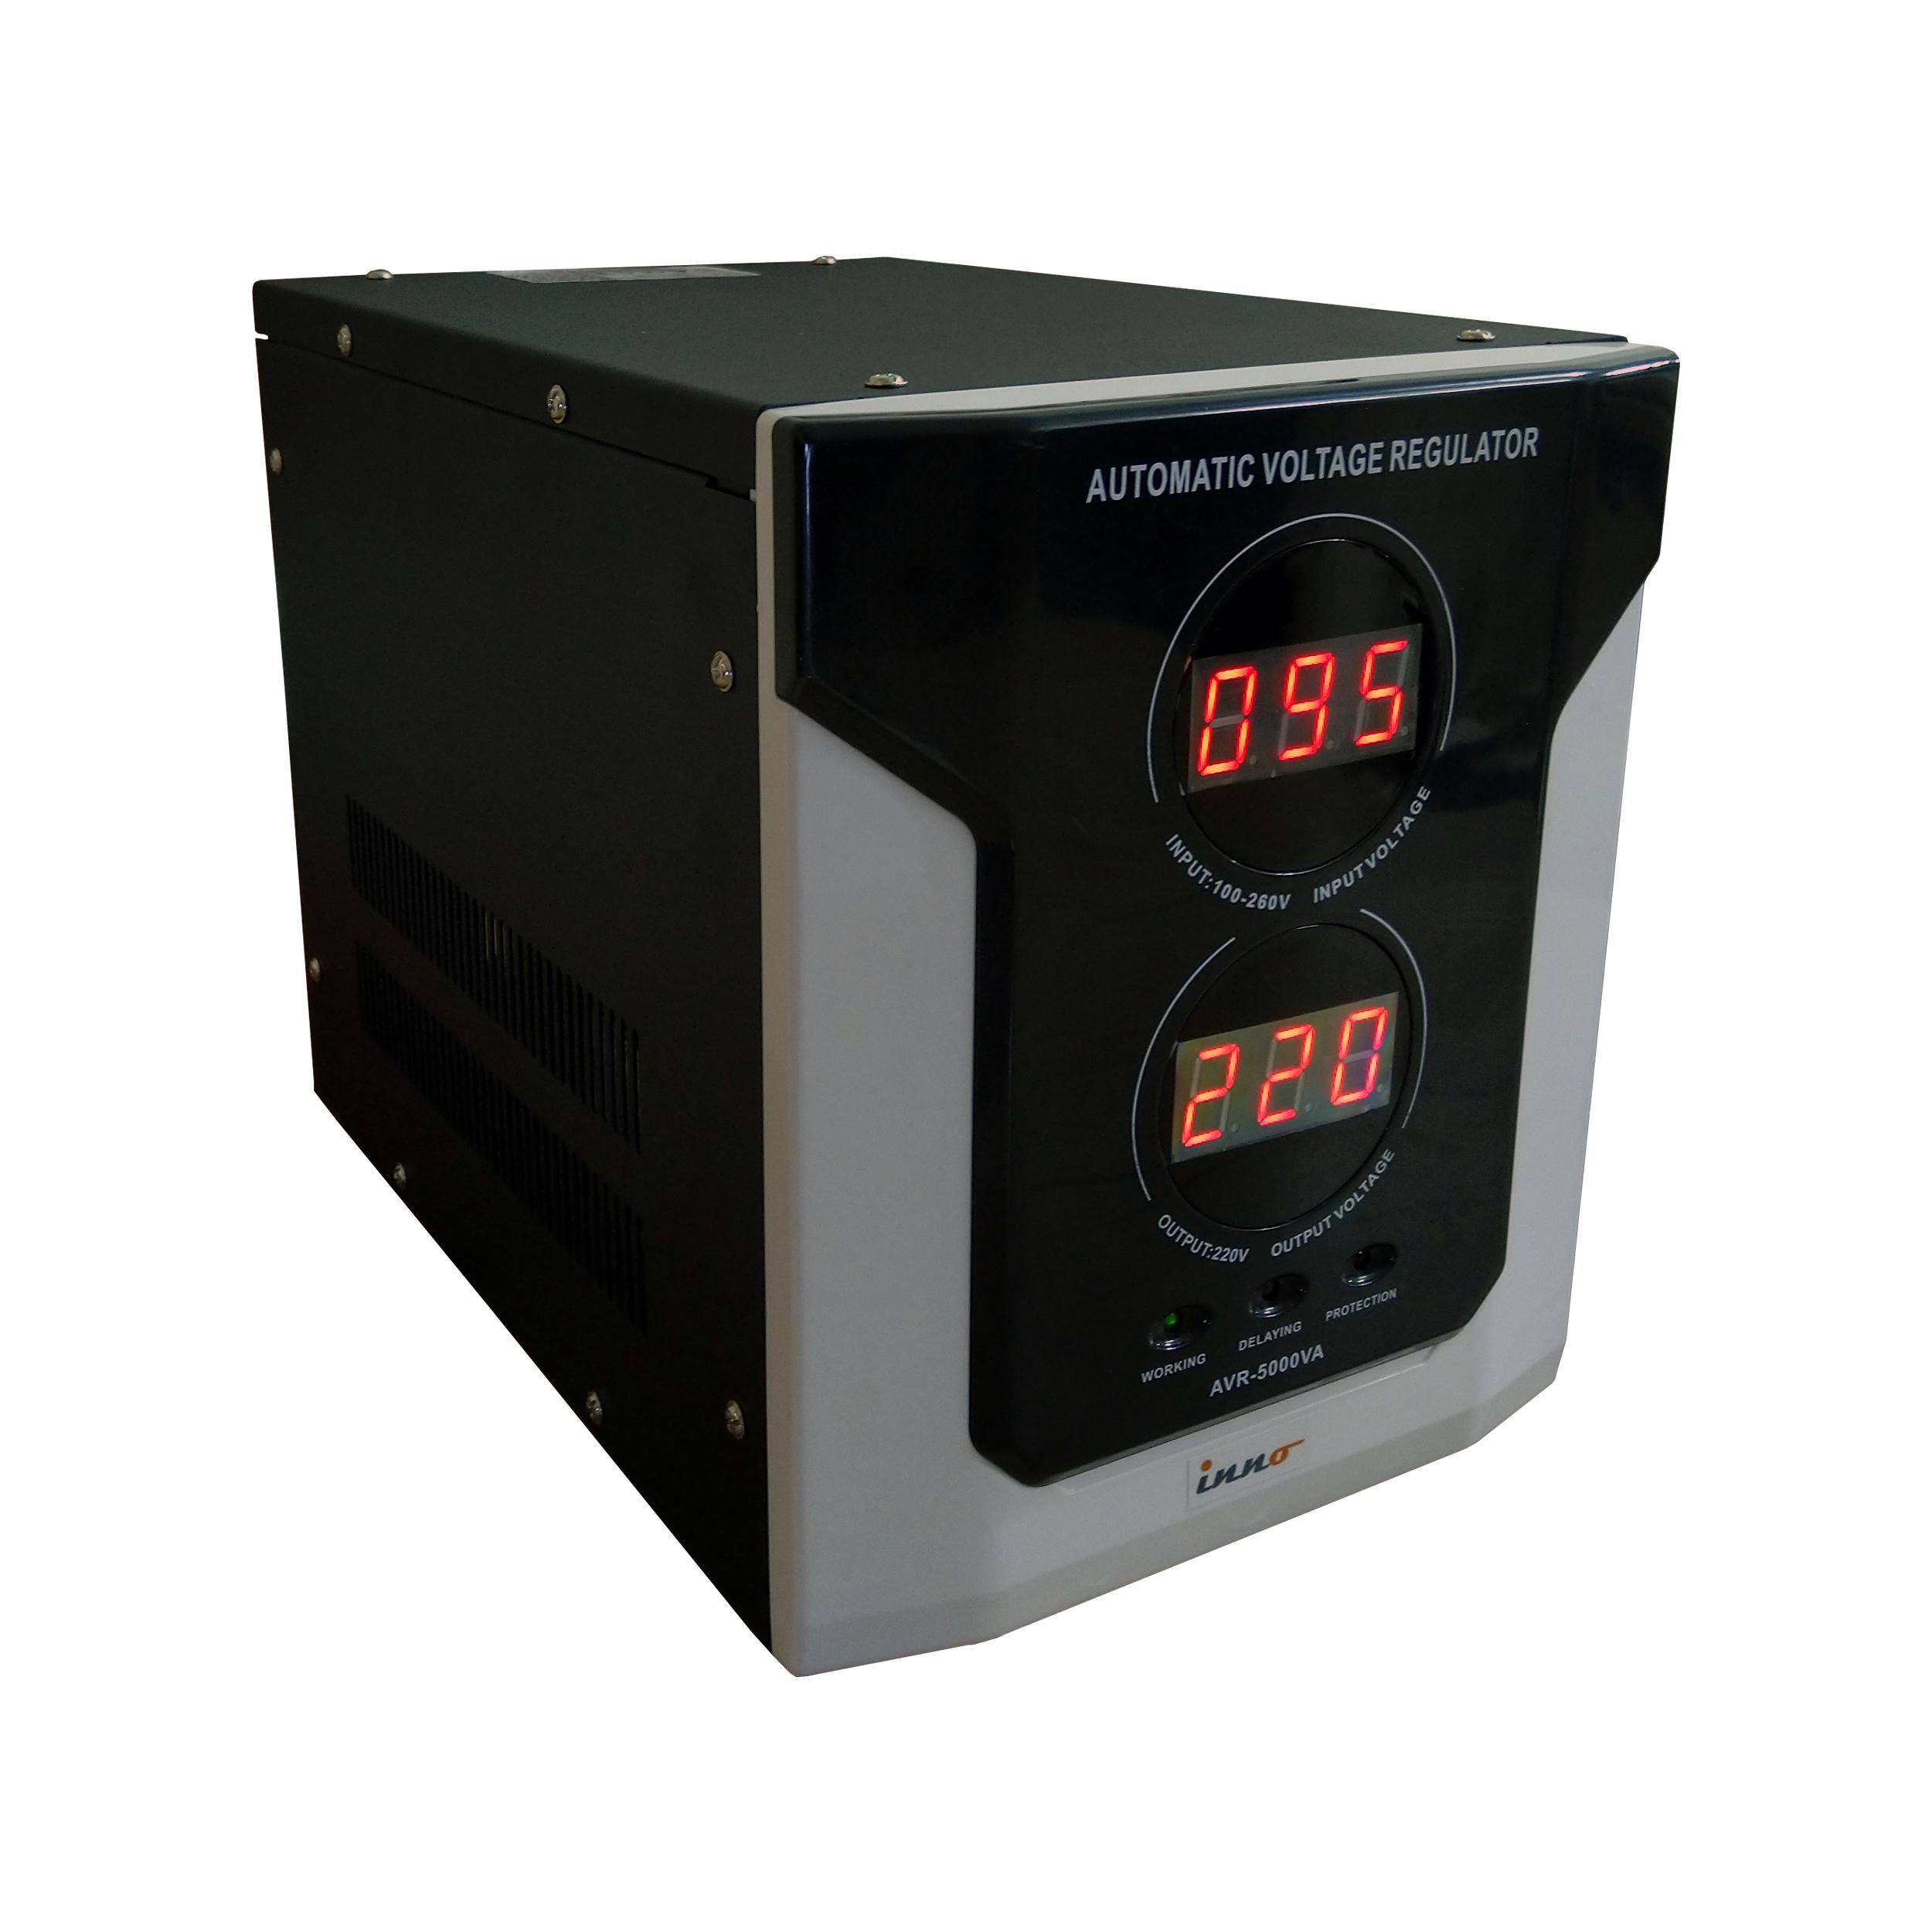 استابلایزر اینو سری AVR با ظرفیت ۵۰۰۰ ولت آمپر